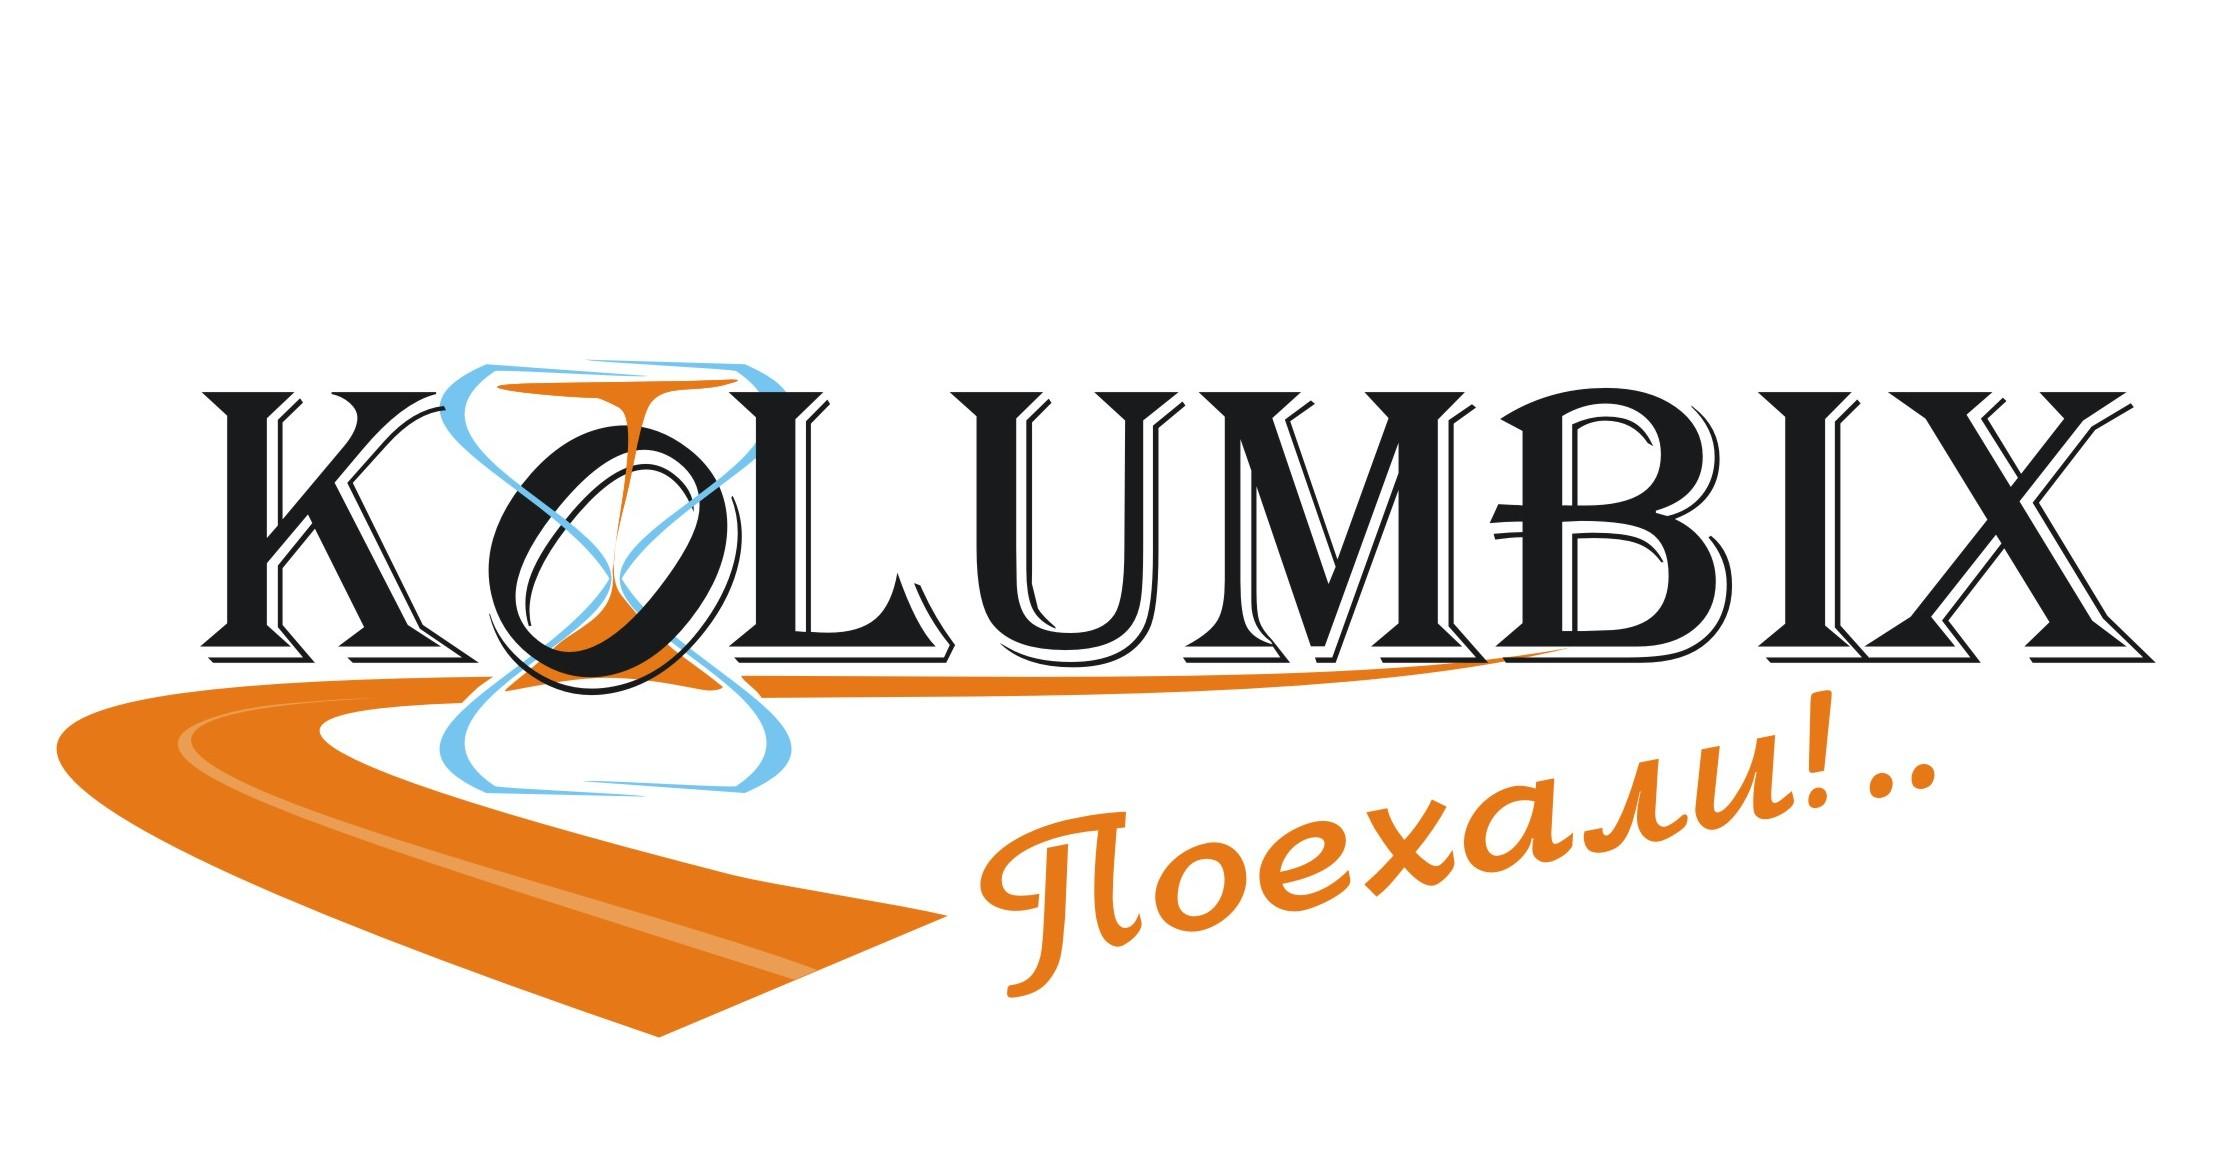 Создание логотипа для туристической фирмы Kolumbix фото f_4fb4896754439.jpg